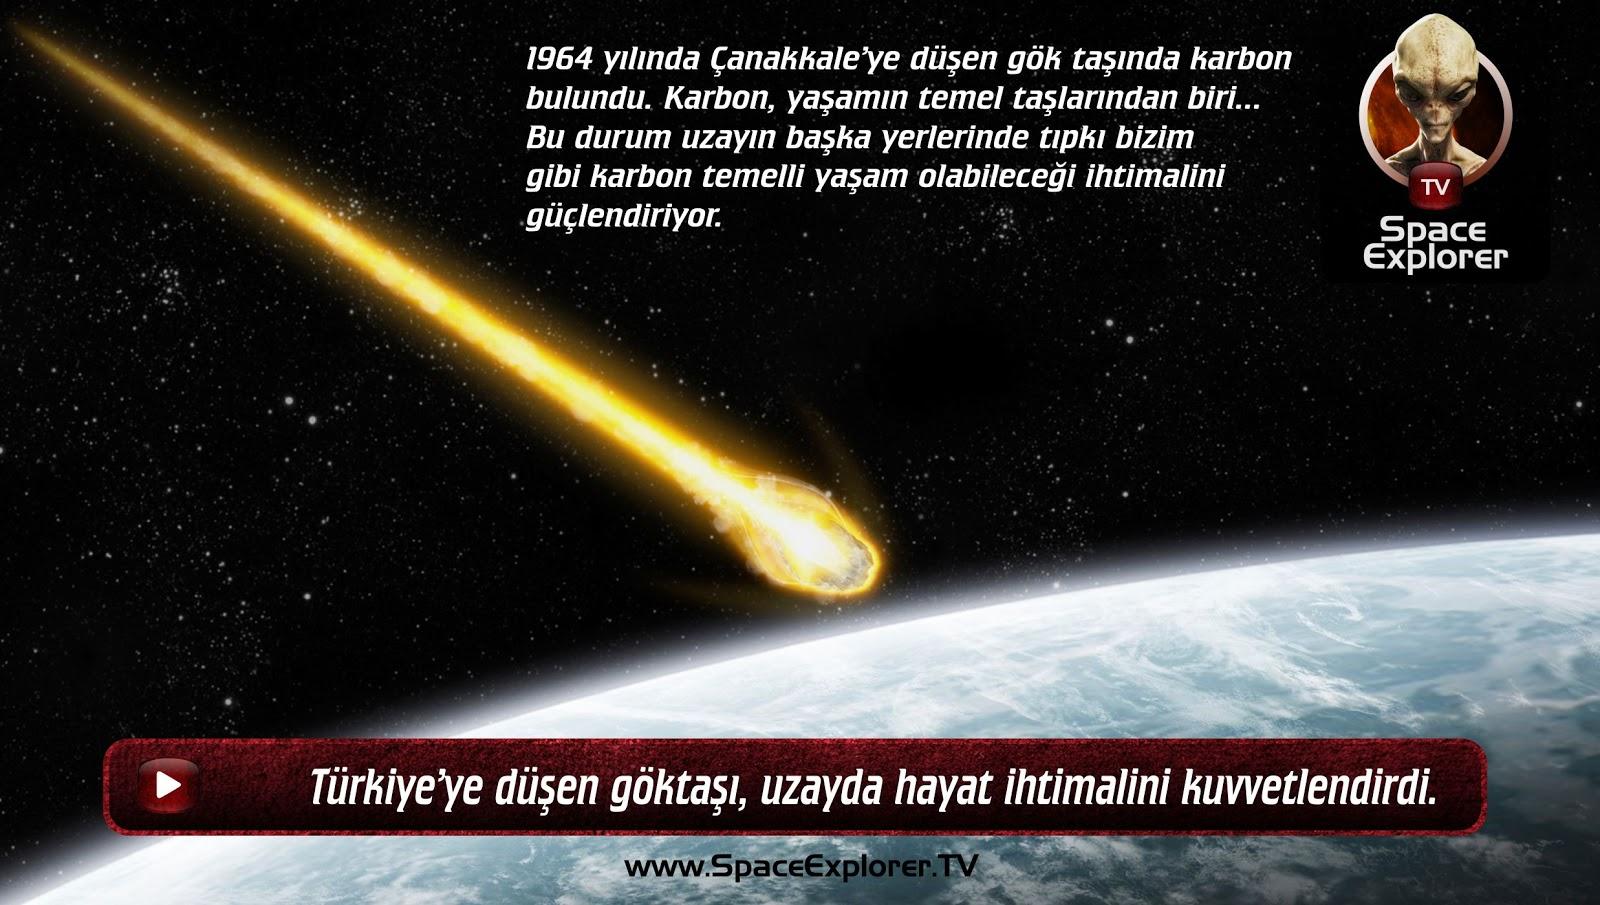 Hayatın temel unsurları, NASA, Gök taşları, Uzayda hayat var mı?, Uzay madenciliği, Gök taşı madenciliği, Evrende yalnız mıyız?, Türkiye,